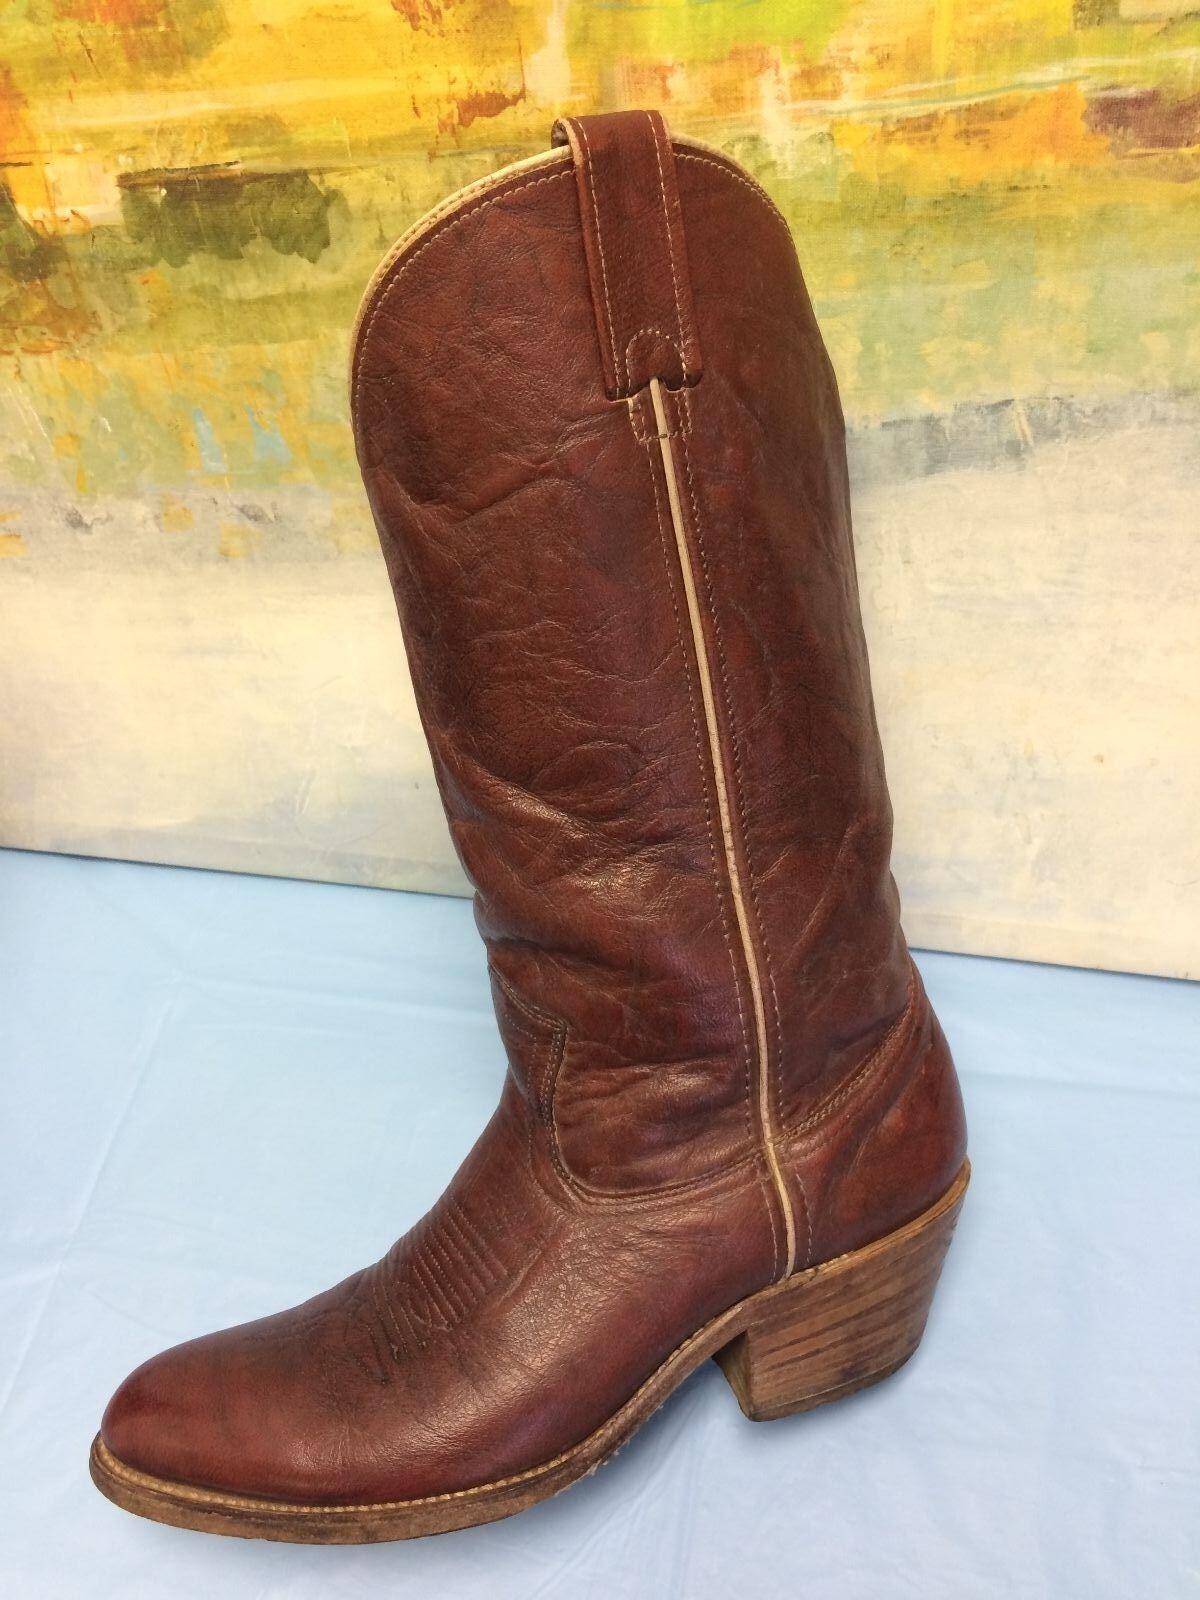 Double h 2154 Borgoña para Hombre botas De Vaquero 9 D